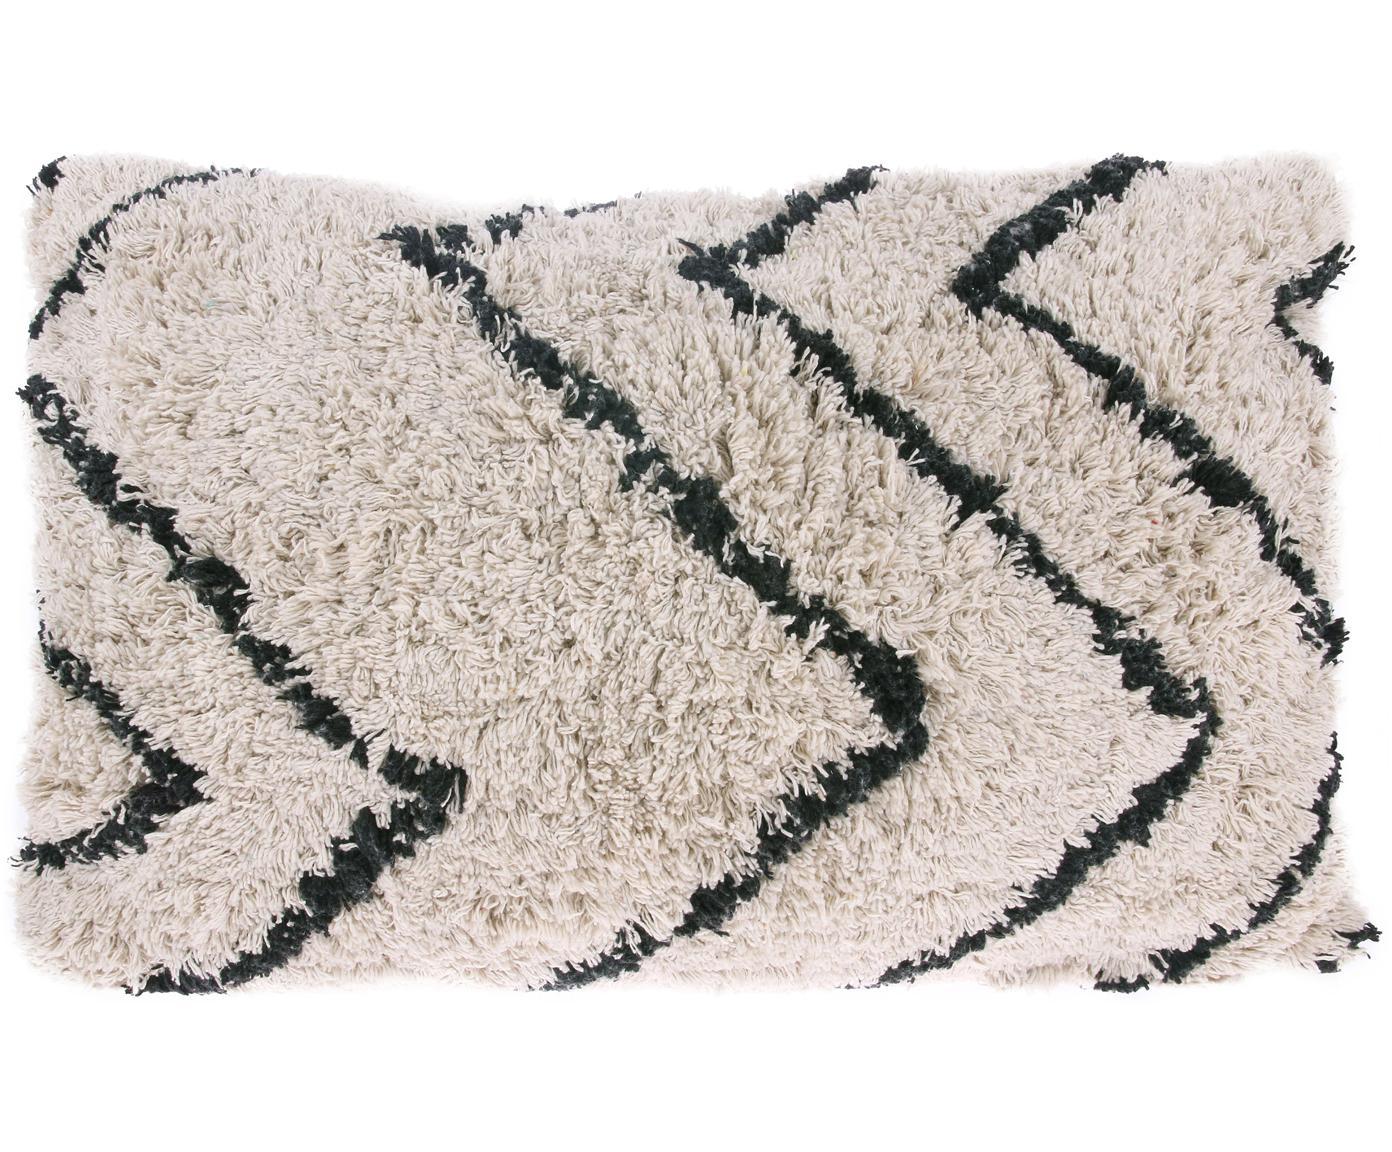 Kissen Zigzag mit getufteter Oberfläche, mit Inlett, 100% Baumwolle, Gebrochenes Weiß, Schwarz, 40 x 60 cm